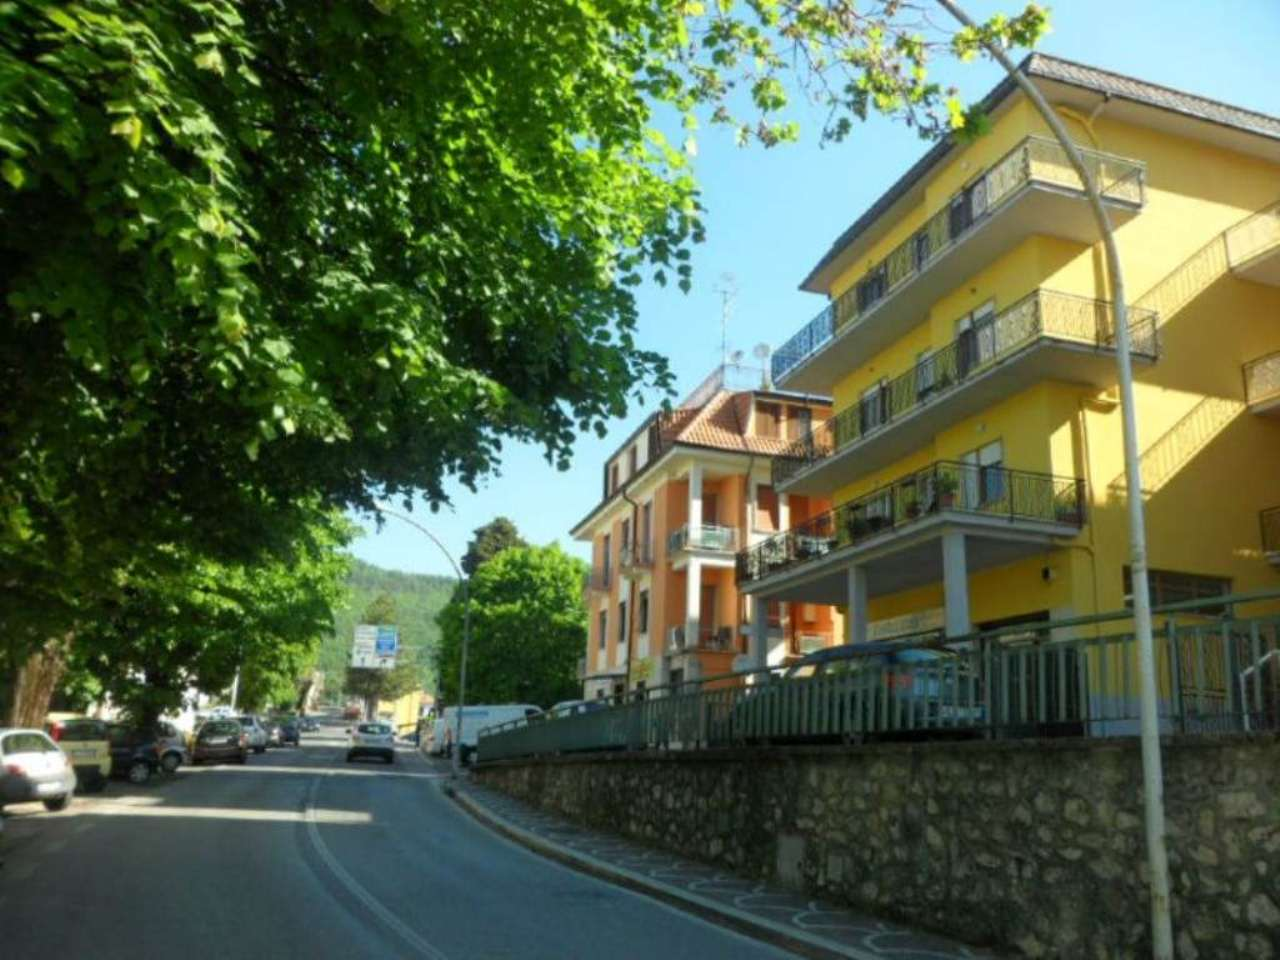 Appartamento in vendita a Fiuggi, 4 locali, Trattative riservate   Cambio Casa.it